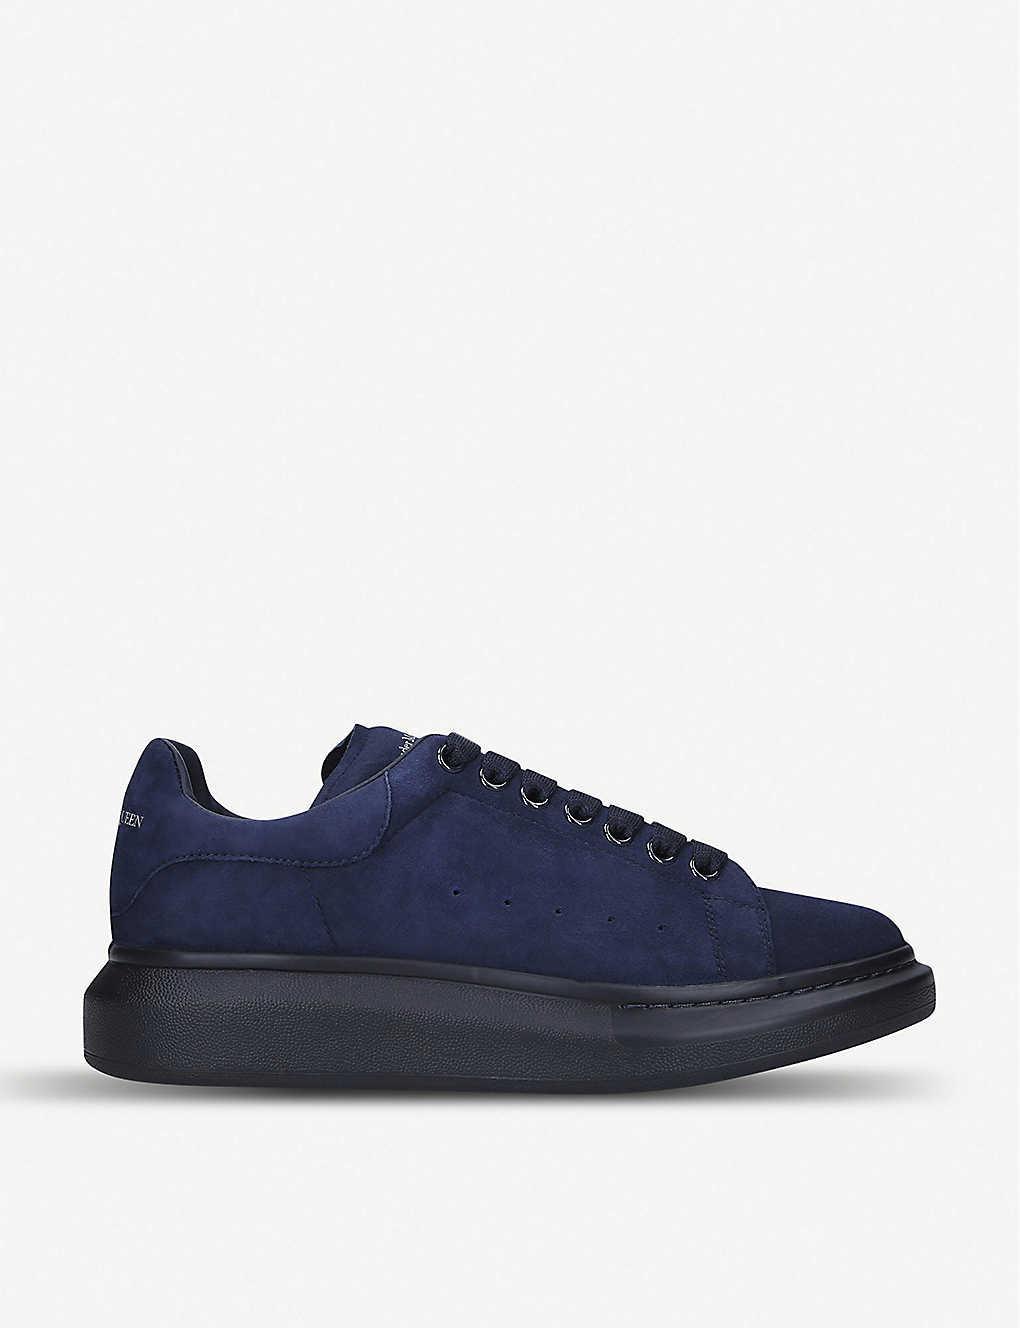 Alexander McQueen Leather Oversized